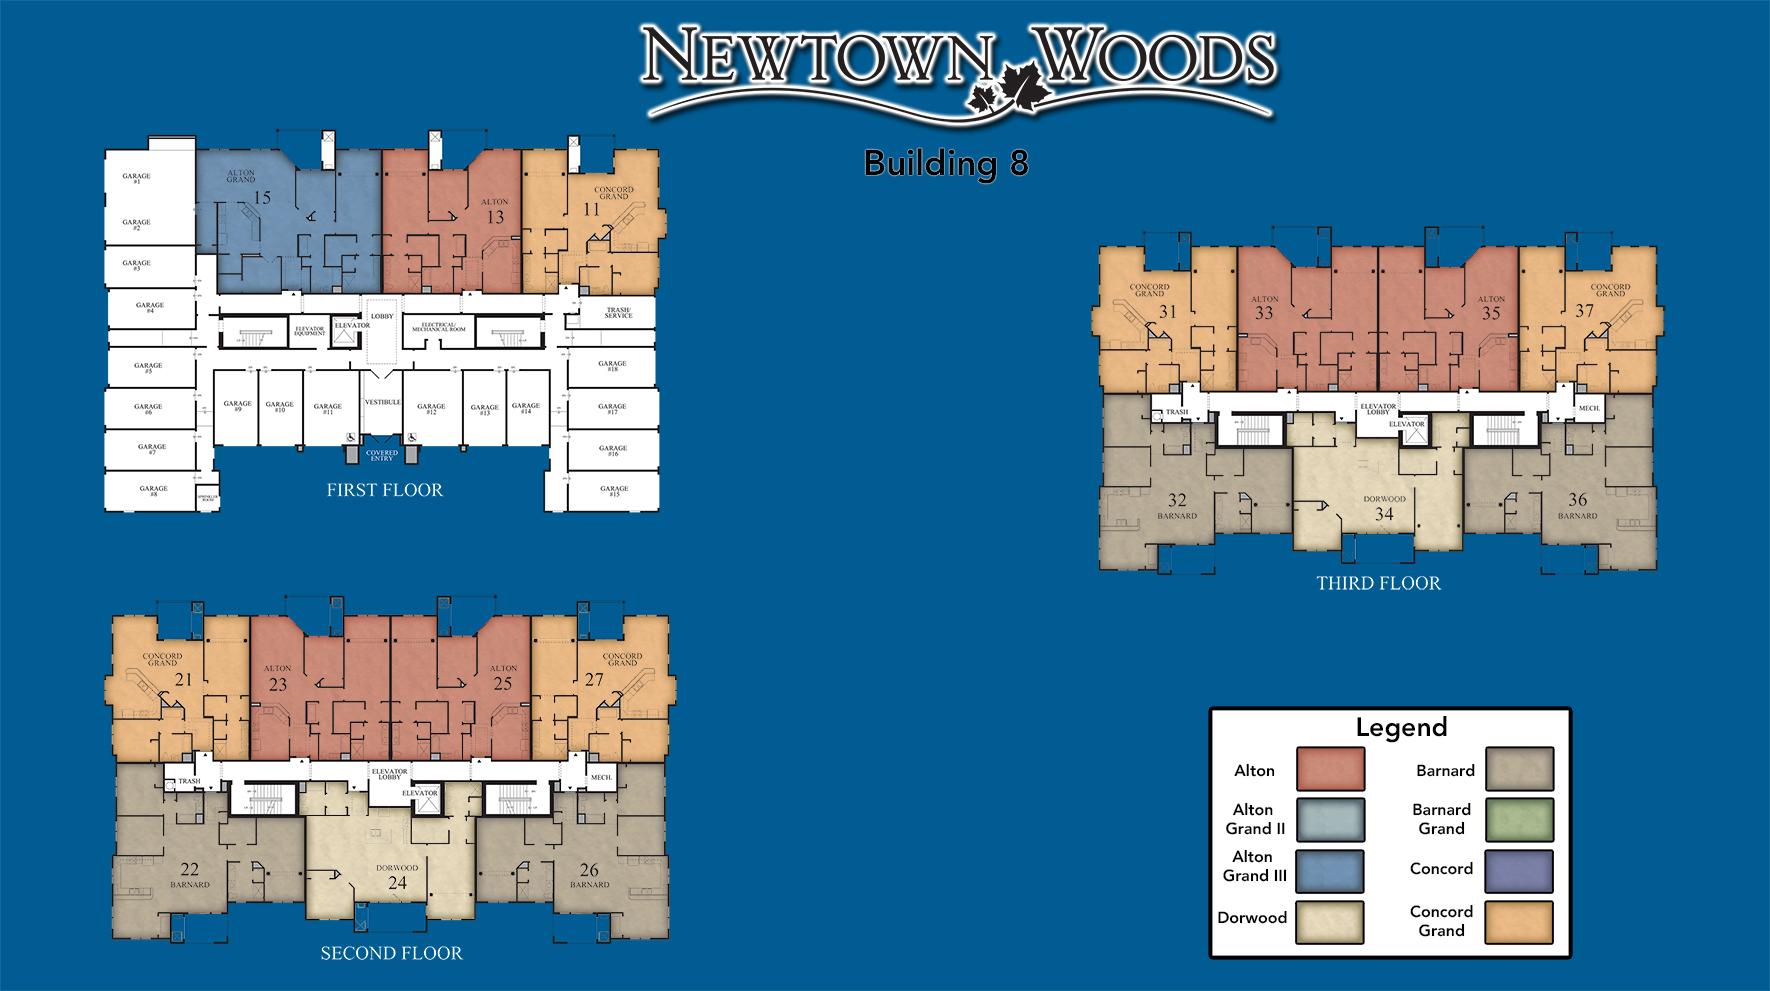 Newtown Woods - Regency Building 8 Site Plan